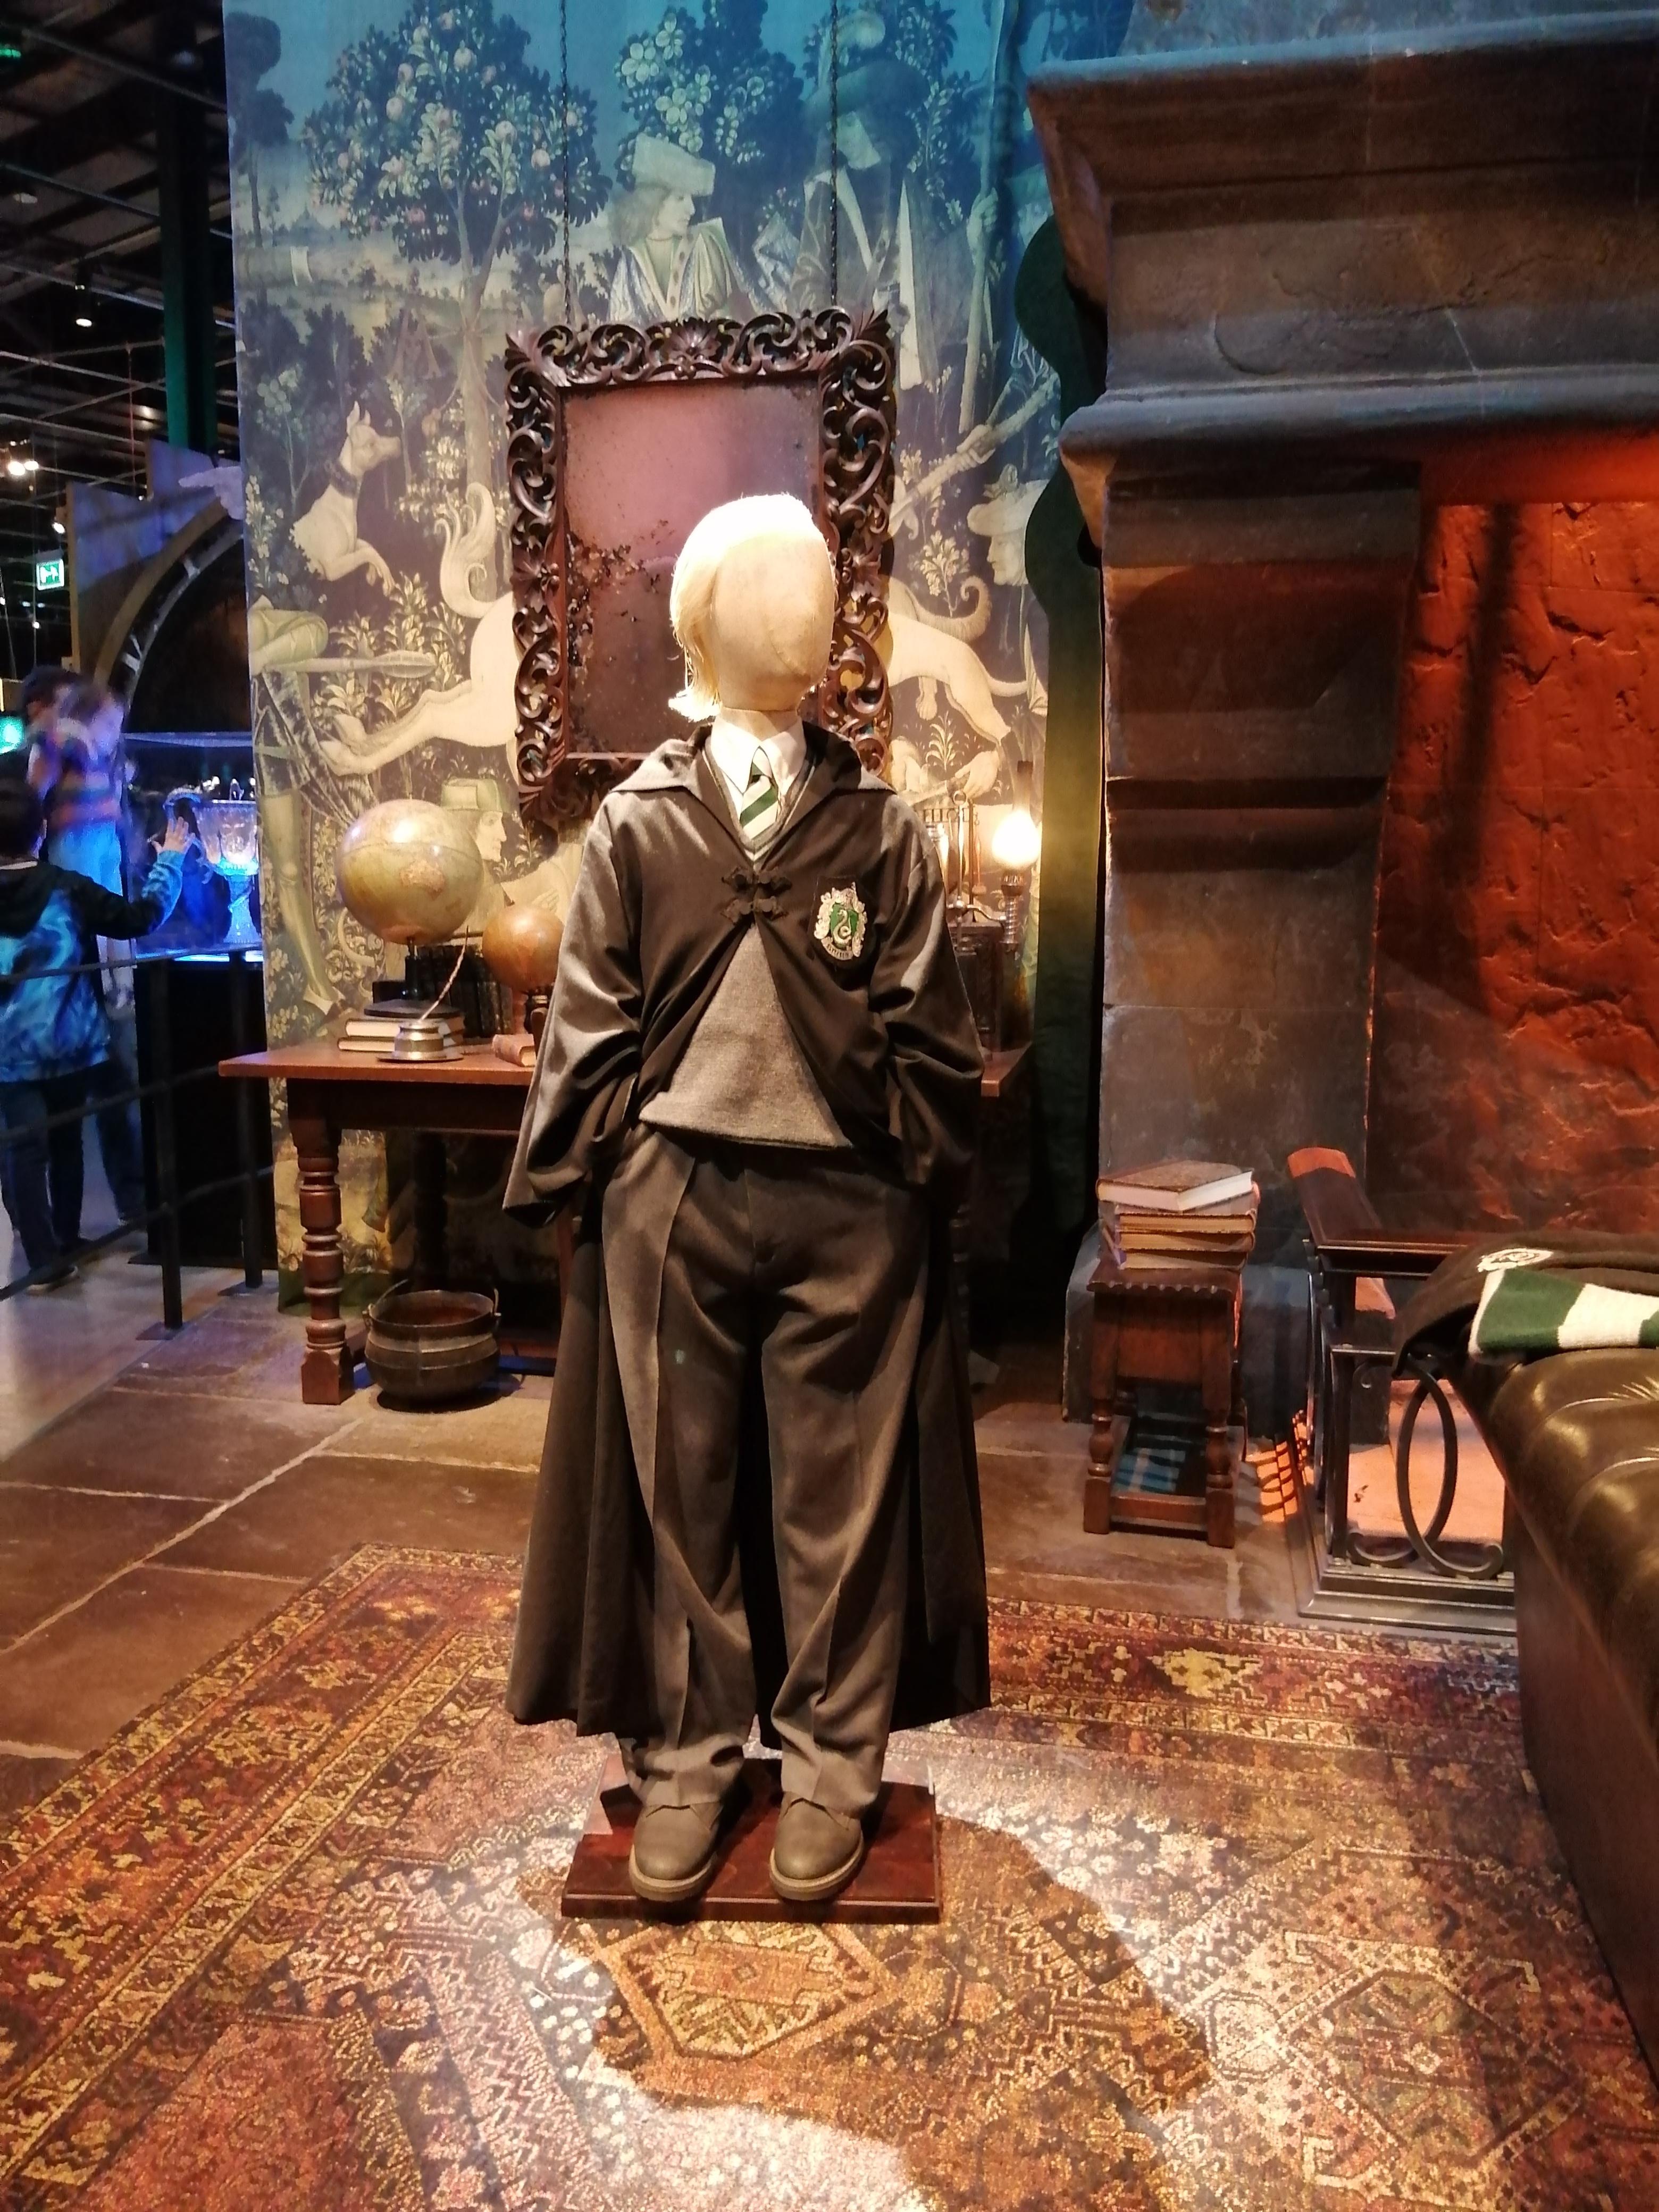 costume drago malefoy chambre des secrets salle commune de serpentard studio tour